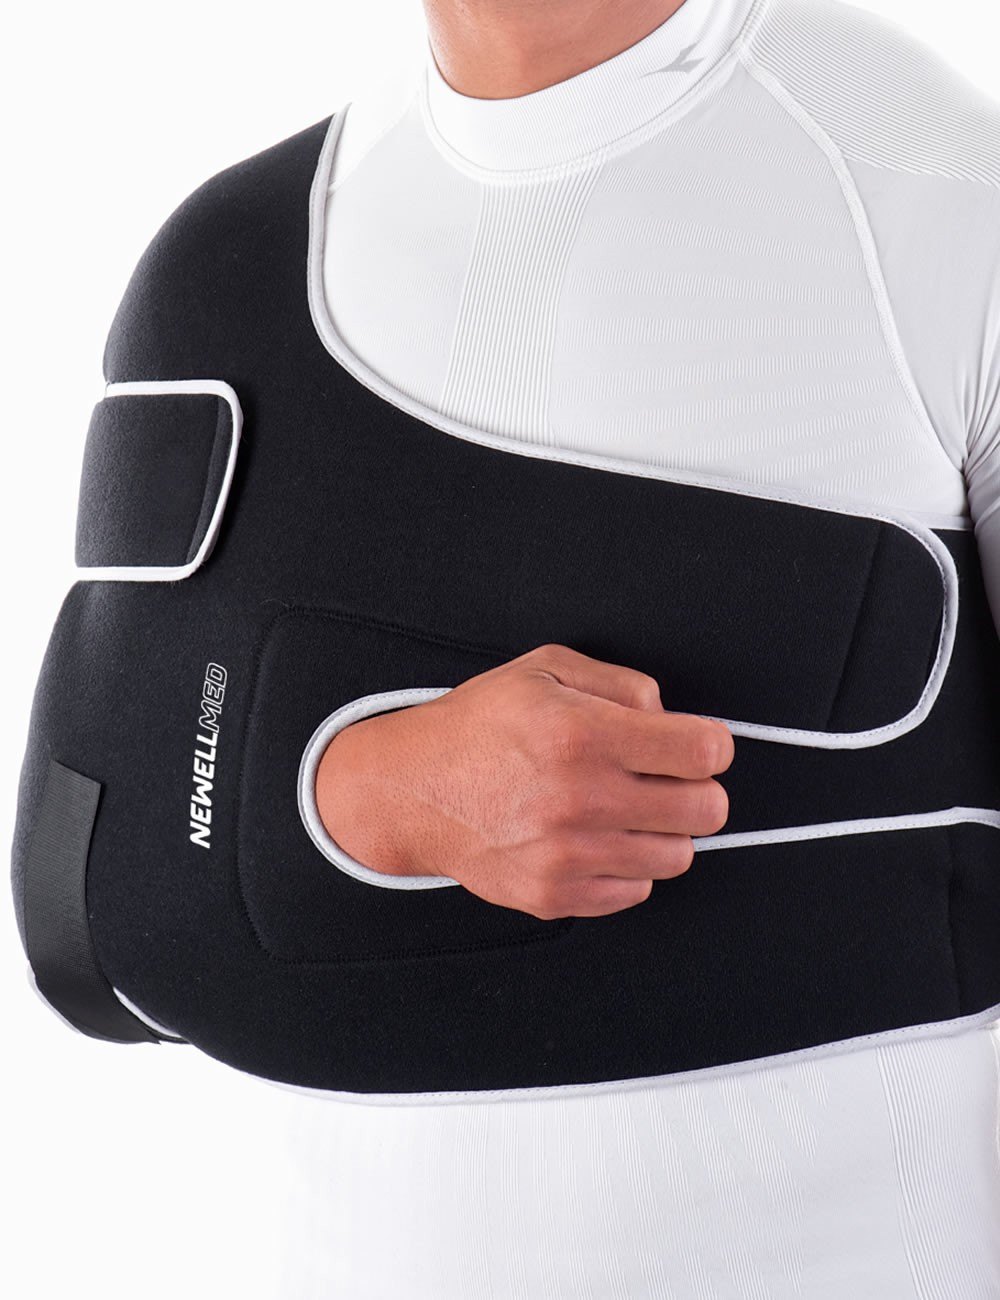 SK404 - Immobilizing arm-shoulder support Top